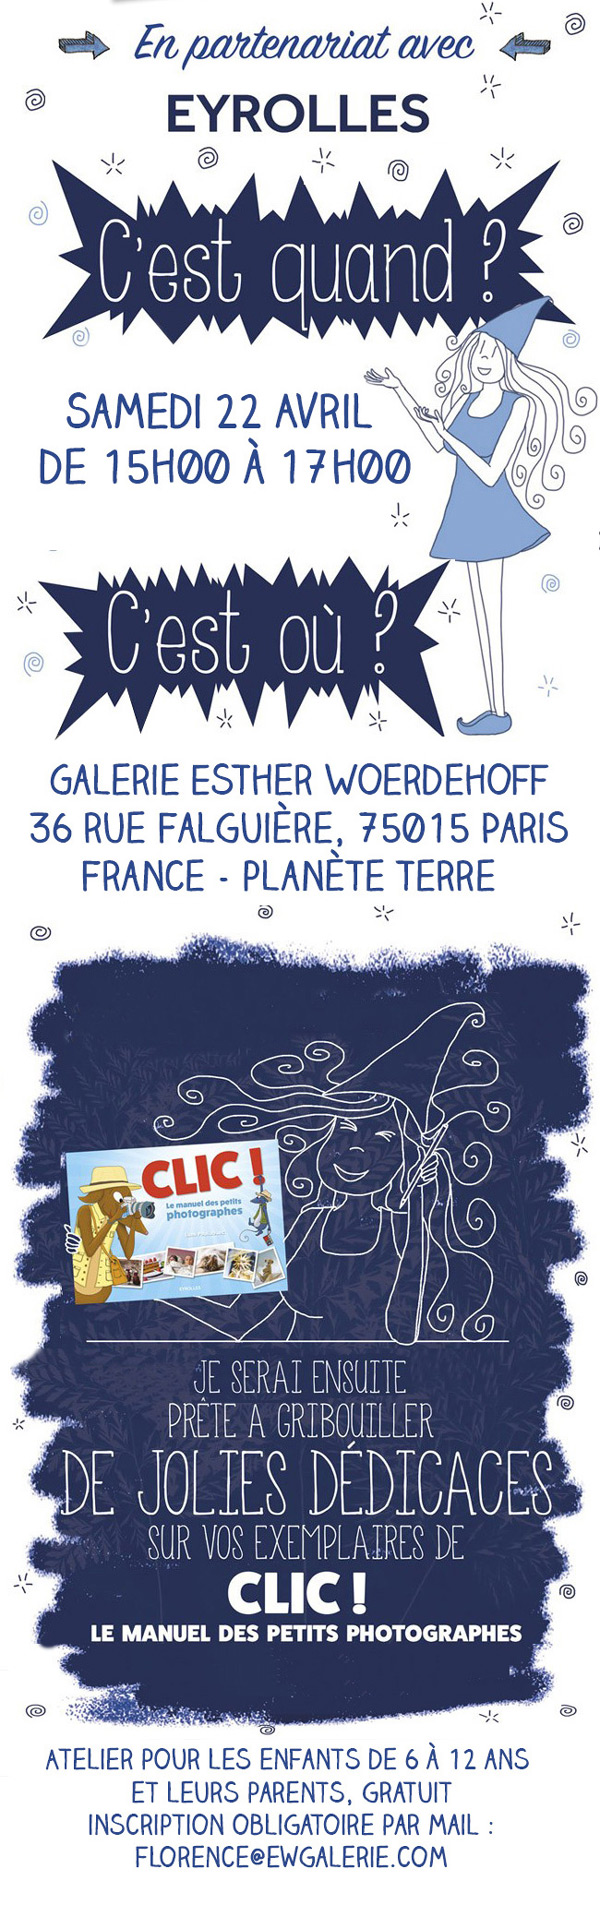 Atelier Cyanotype pour enfants à Paris - activité gratuite - photographie - Galerie Esther Woerdehoff